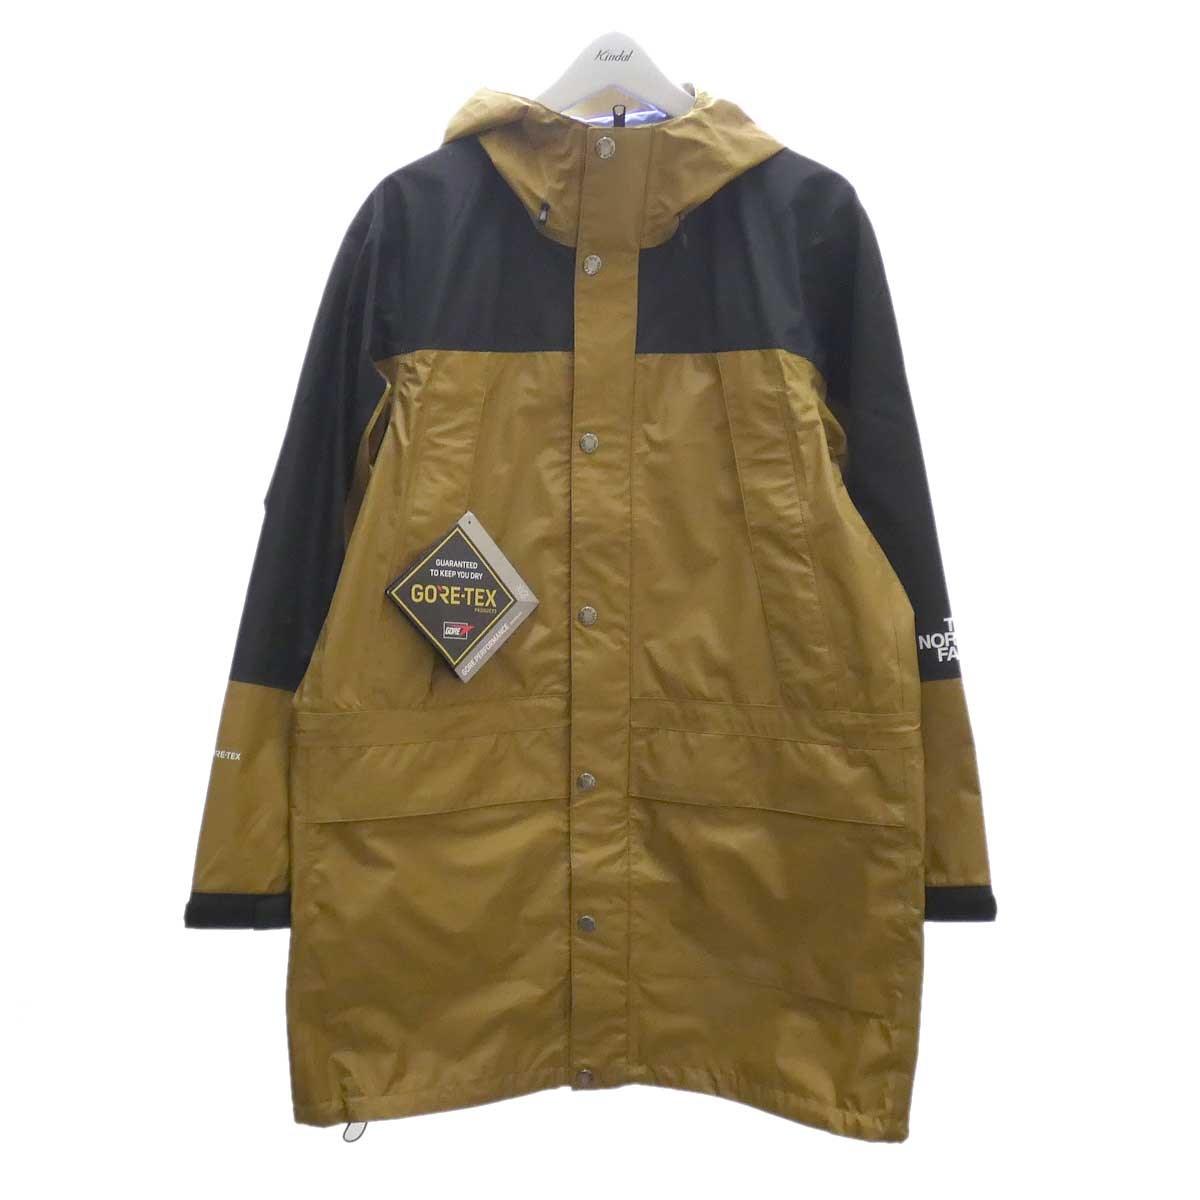 【中古】THE NORTH FACE Mountain Raintex Coat NP11940 ベージュ サイズ:M 【270620】(ザノースフェイス)